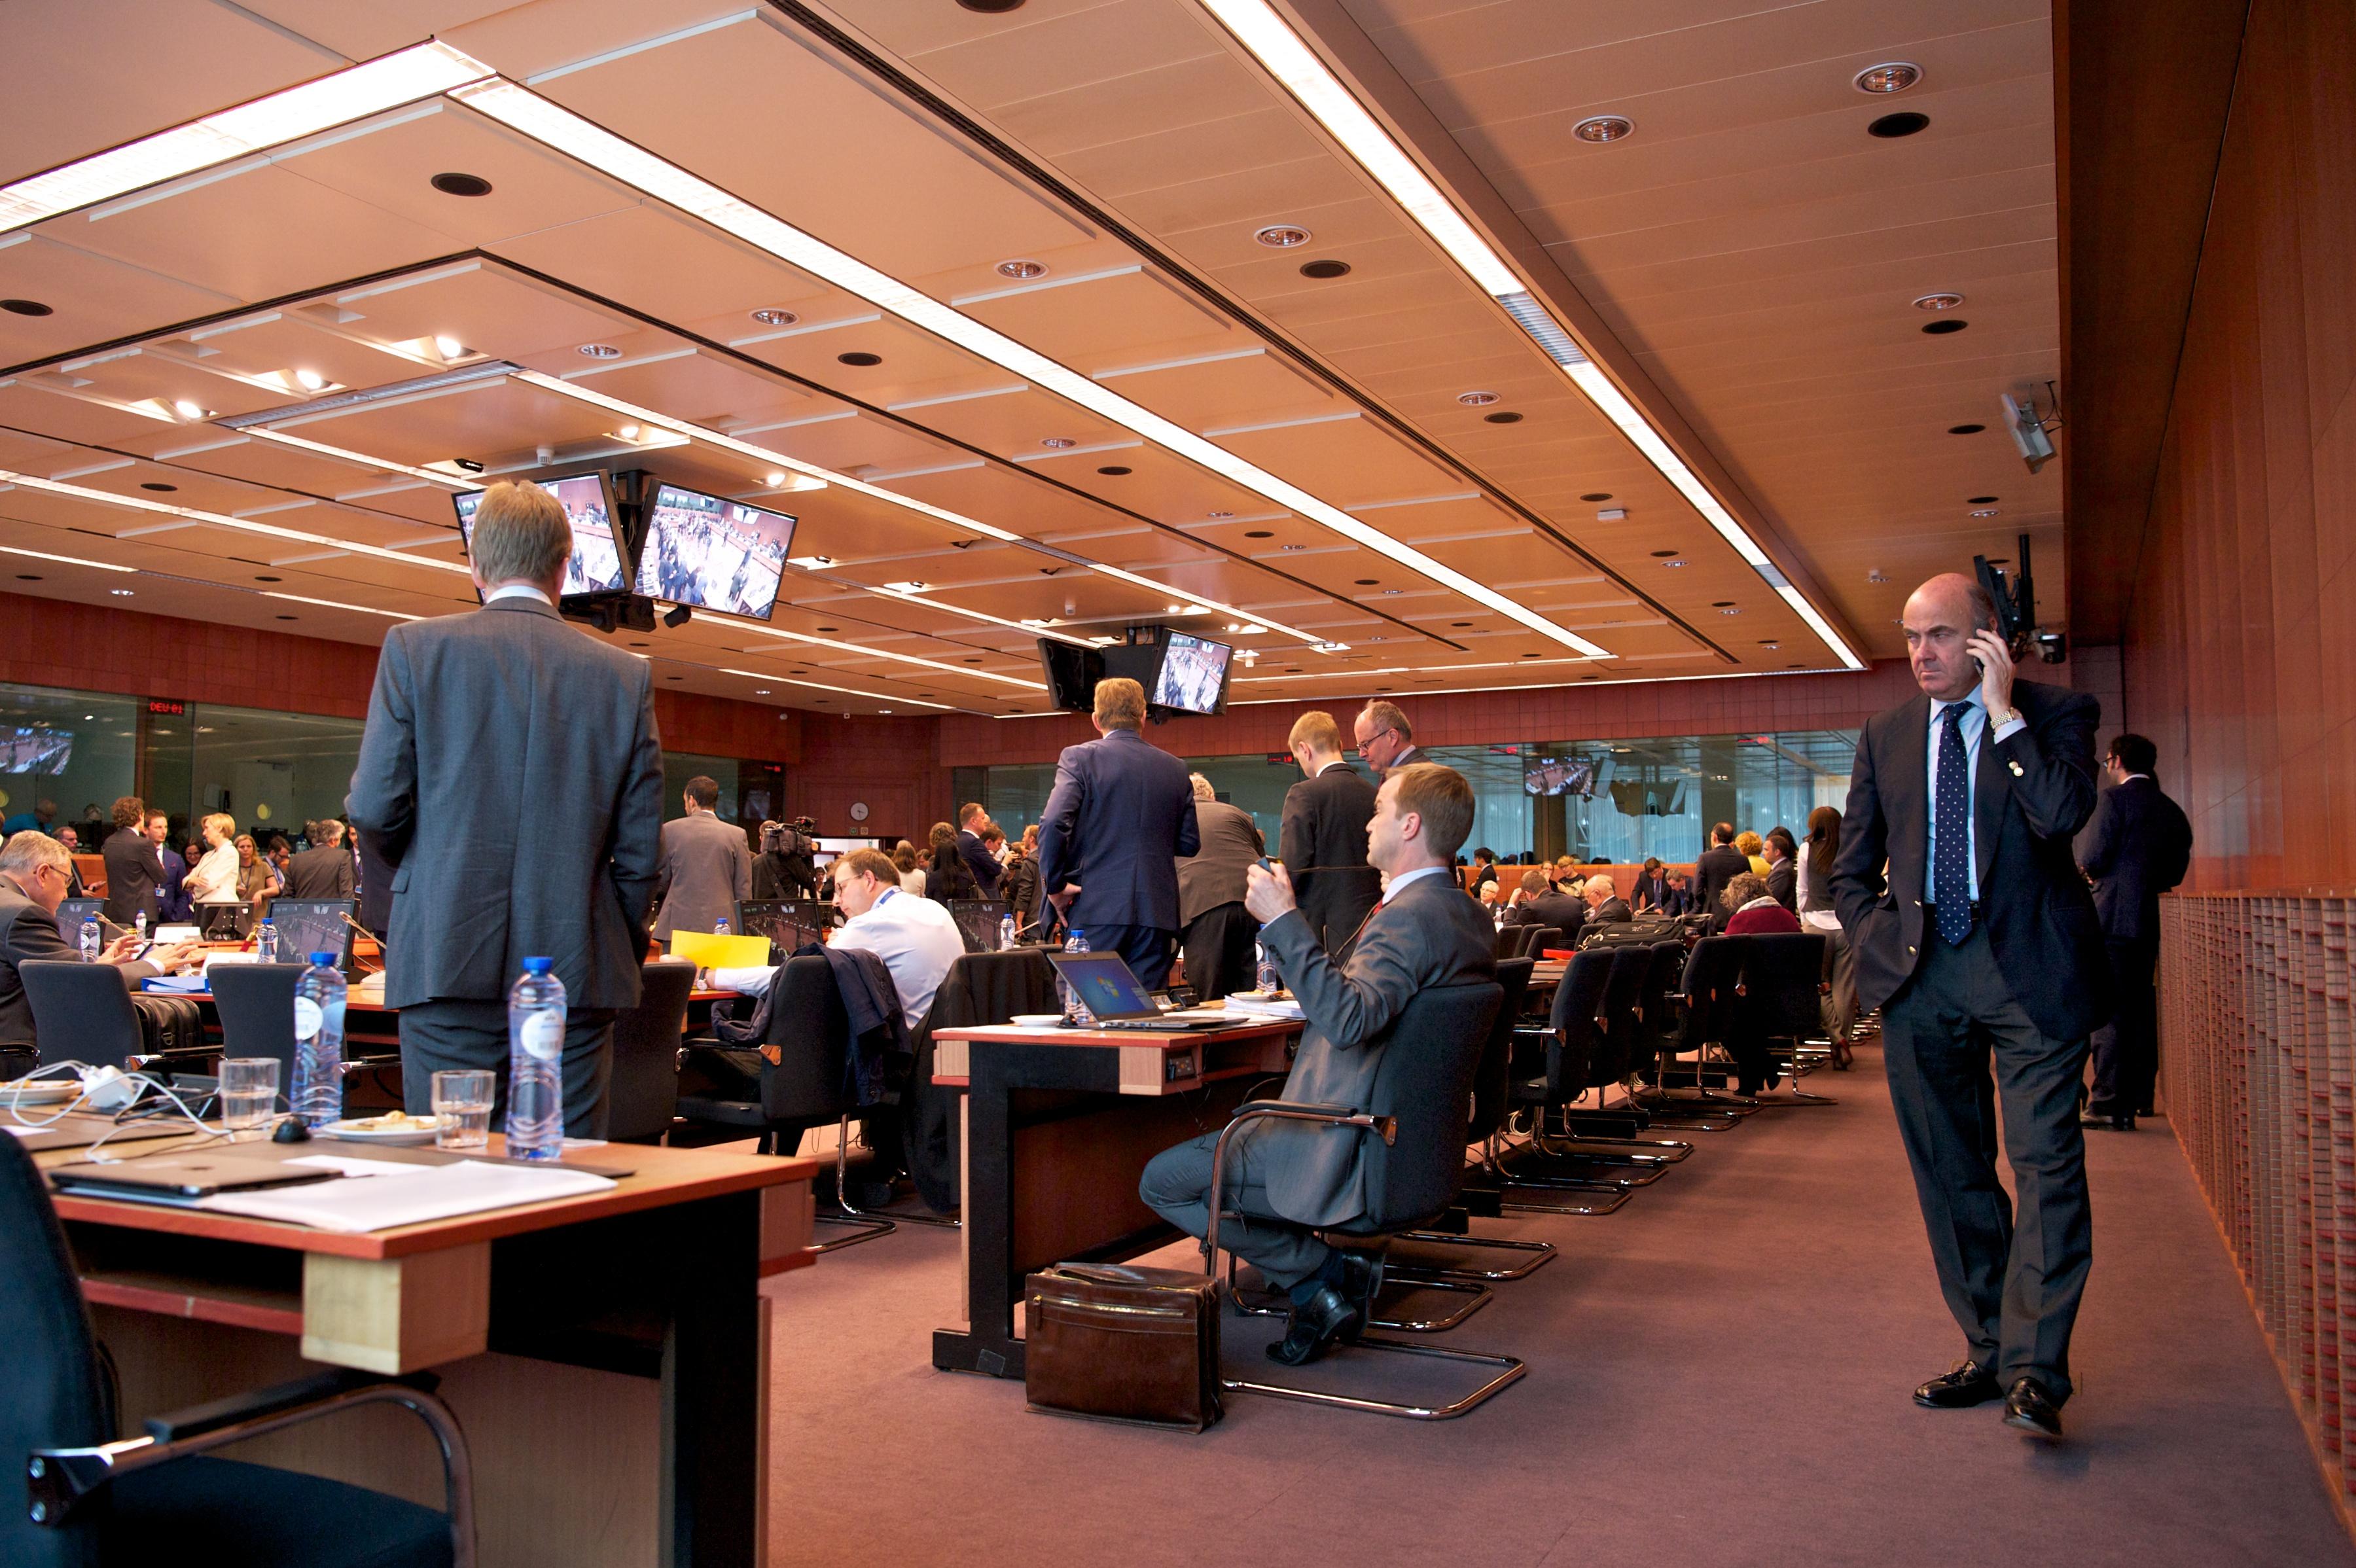 Óõíåäñßáóç ôïõ Eurogroup ôçí Ôñßôç 24 ÌáÀïõ 2016, óôéò ÂñõîÝëëåò. (EUROKINISSI/ÅÕÑÙÐÁÚÊÇ ÅÍÙÓÇ)